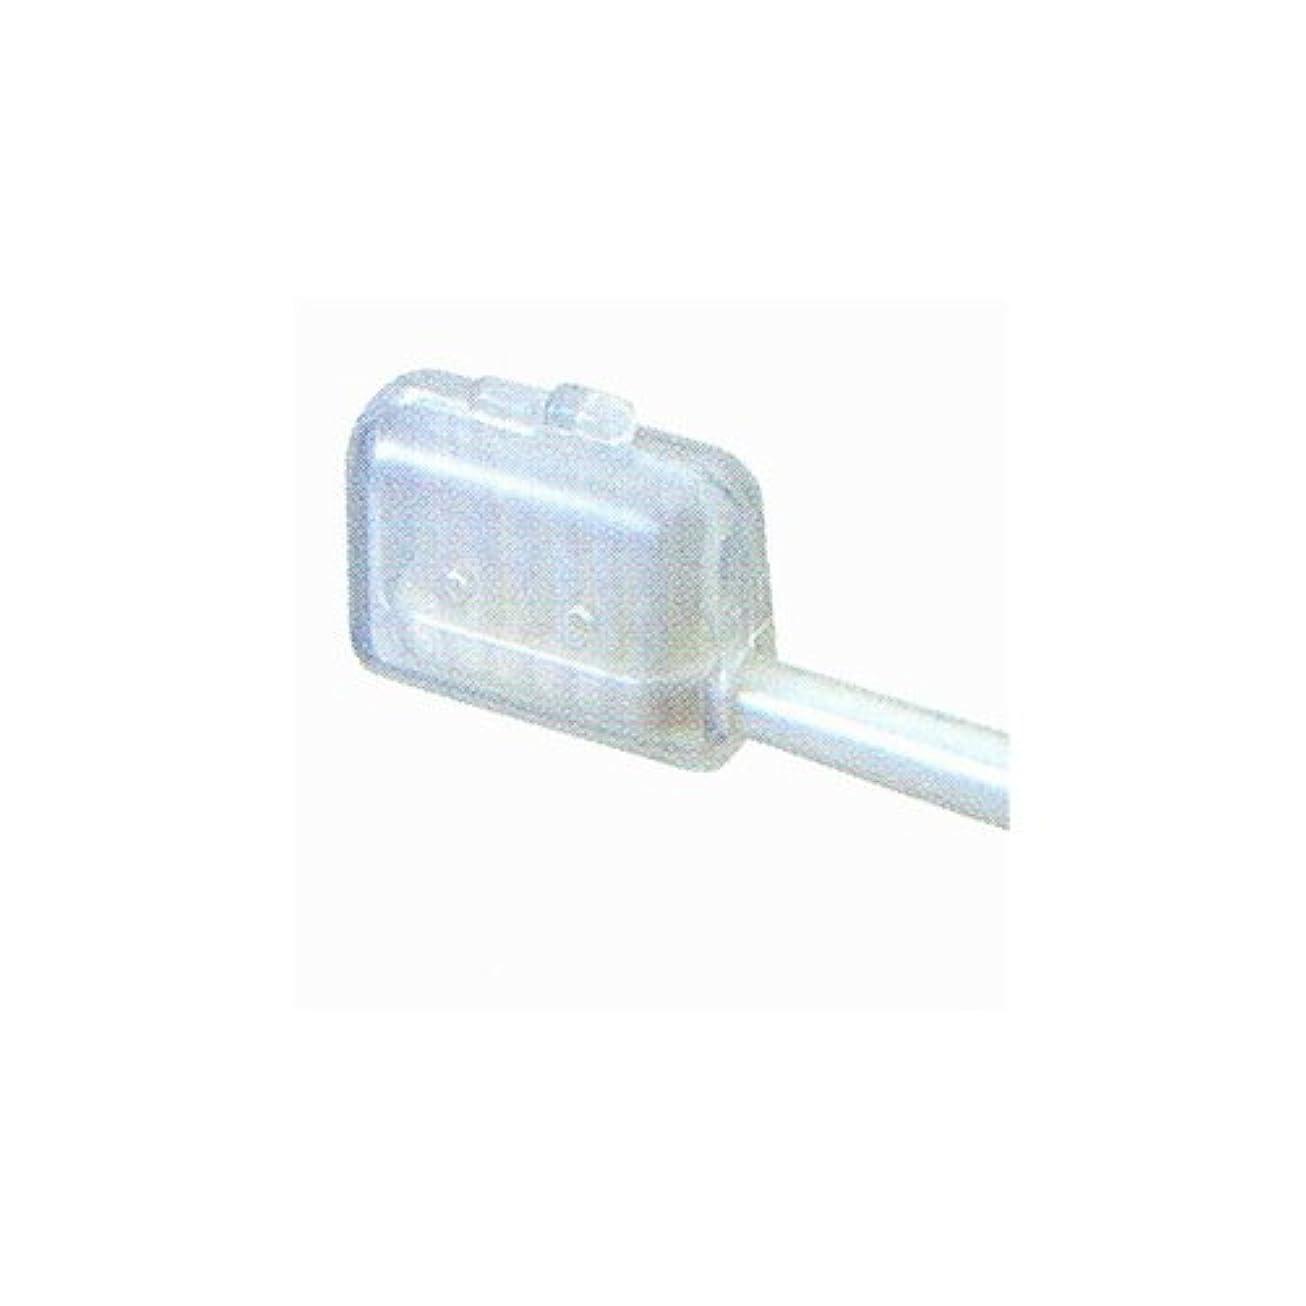 サルベージ遷移魅力的ビーブランド 歯ブラシキャップ1個 (S)